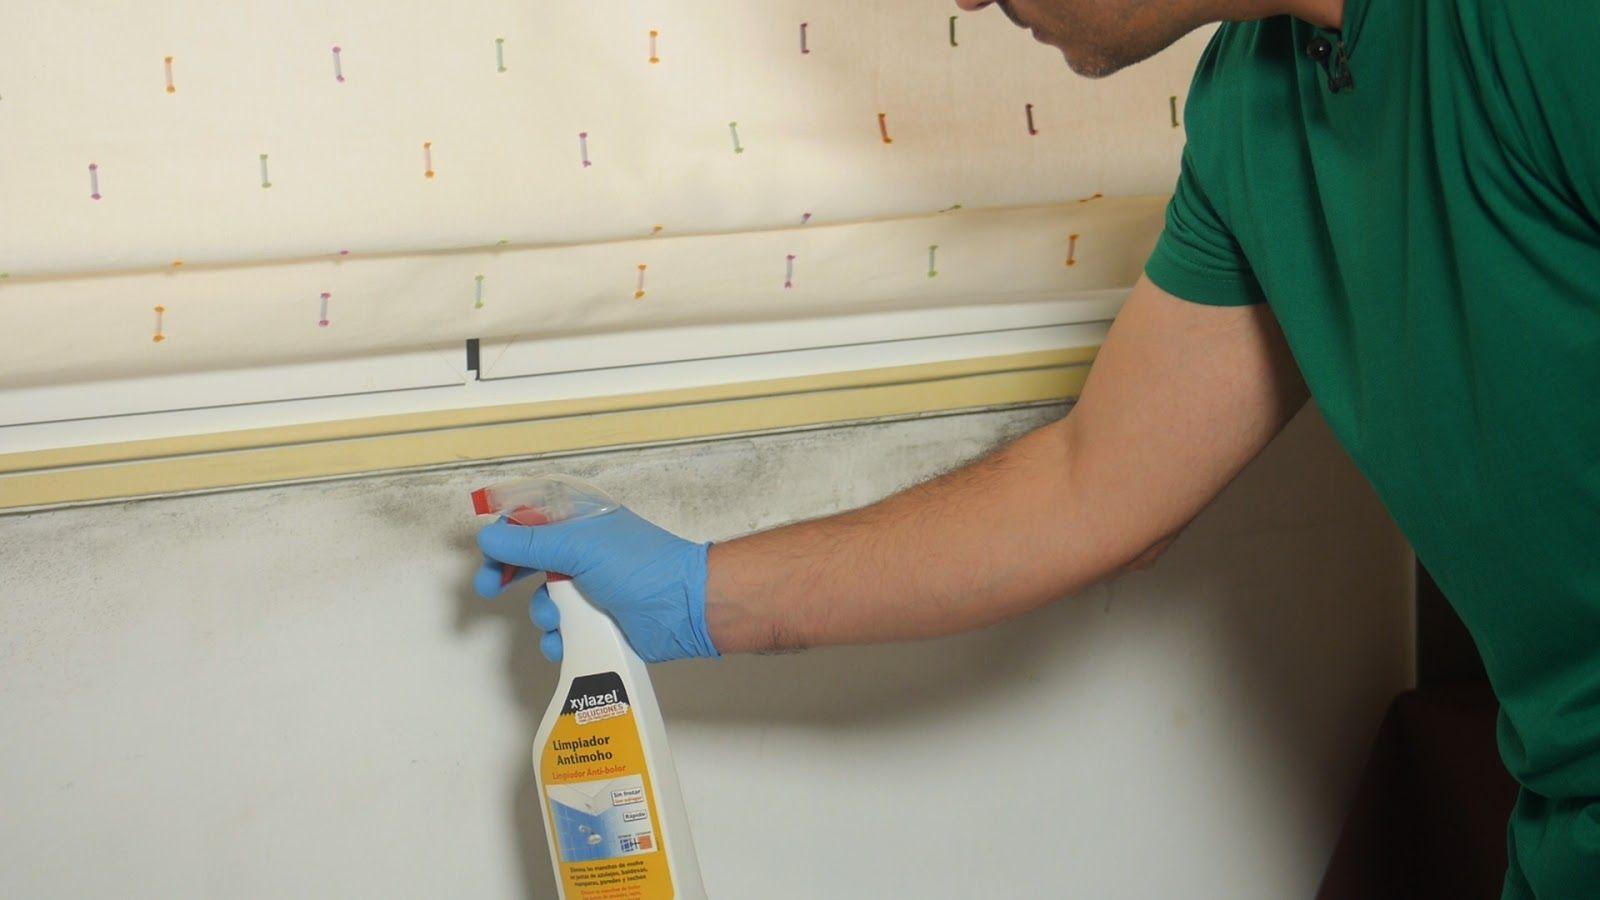 Aplicar limpiador antimoho en las manchas de las paredes